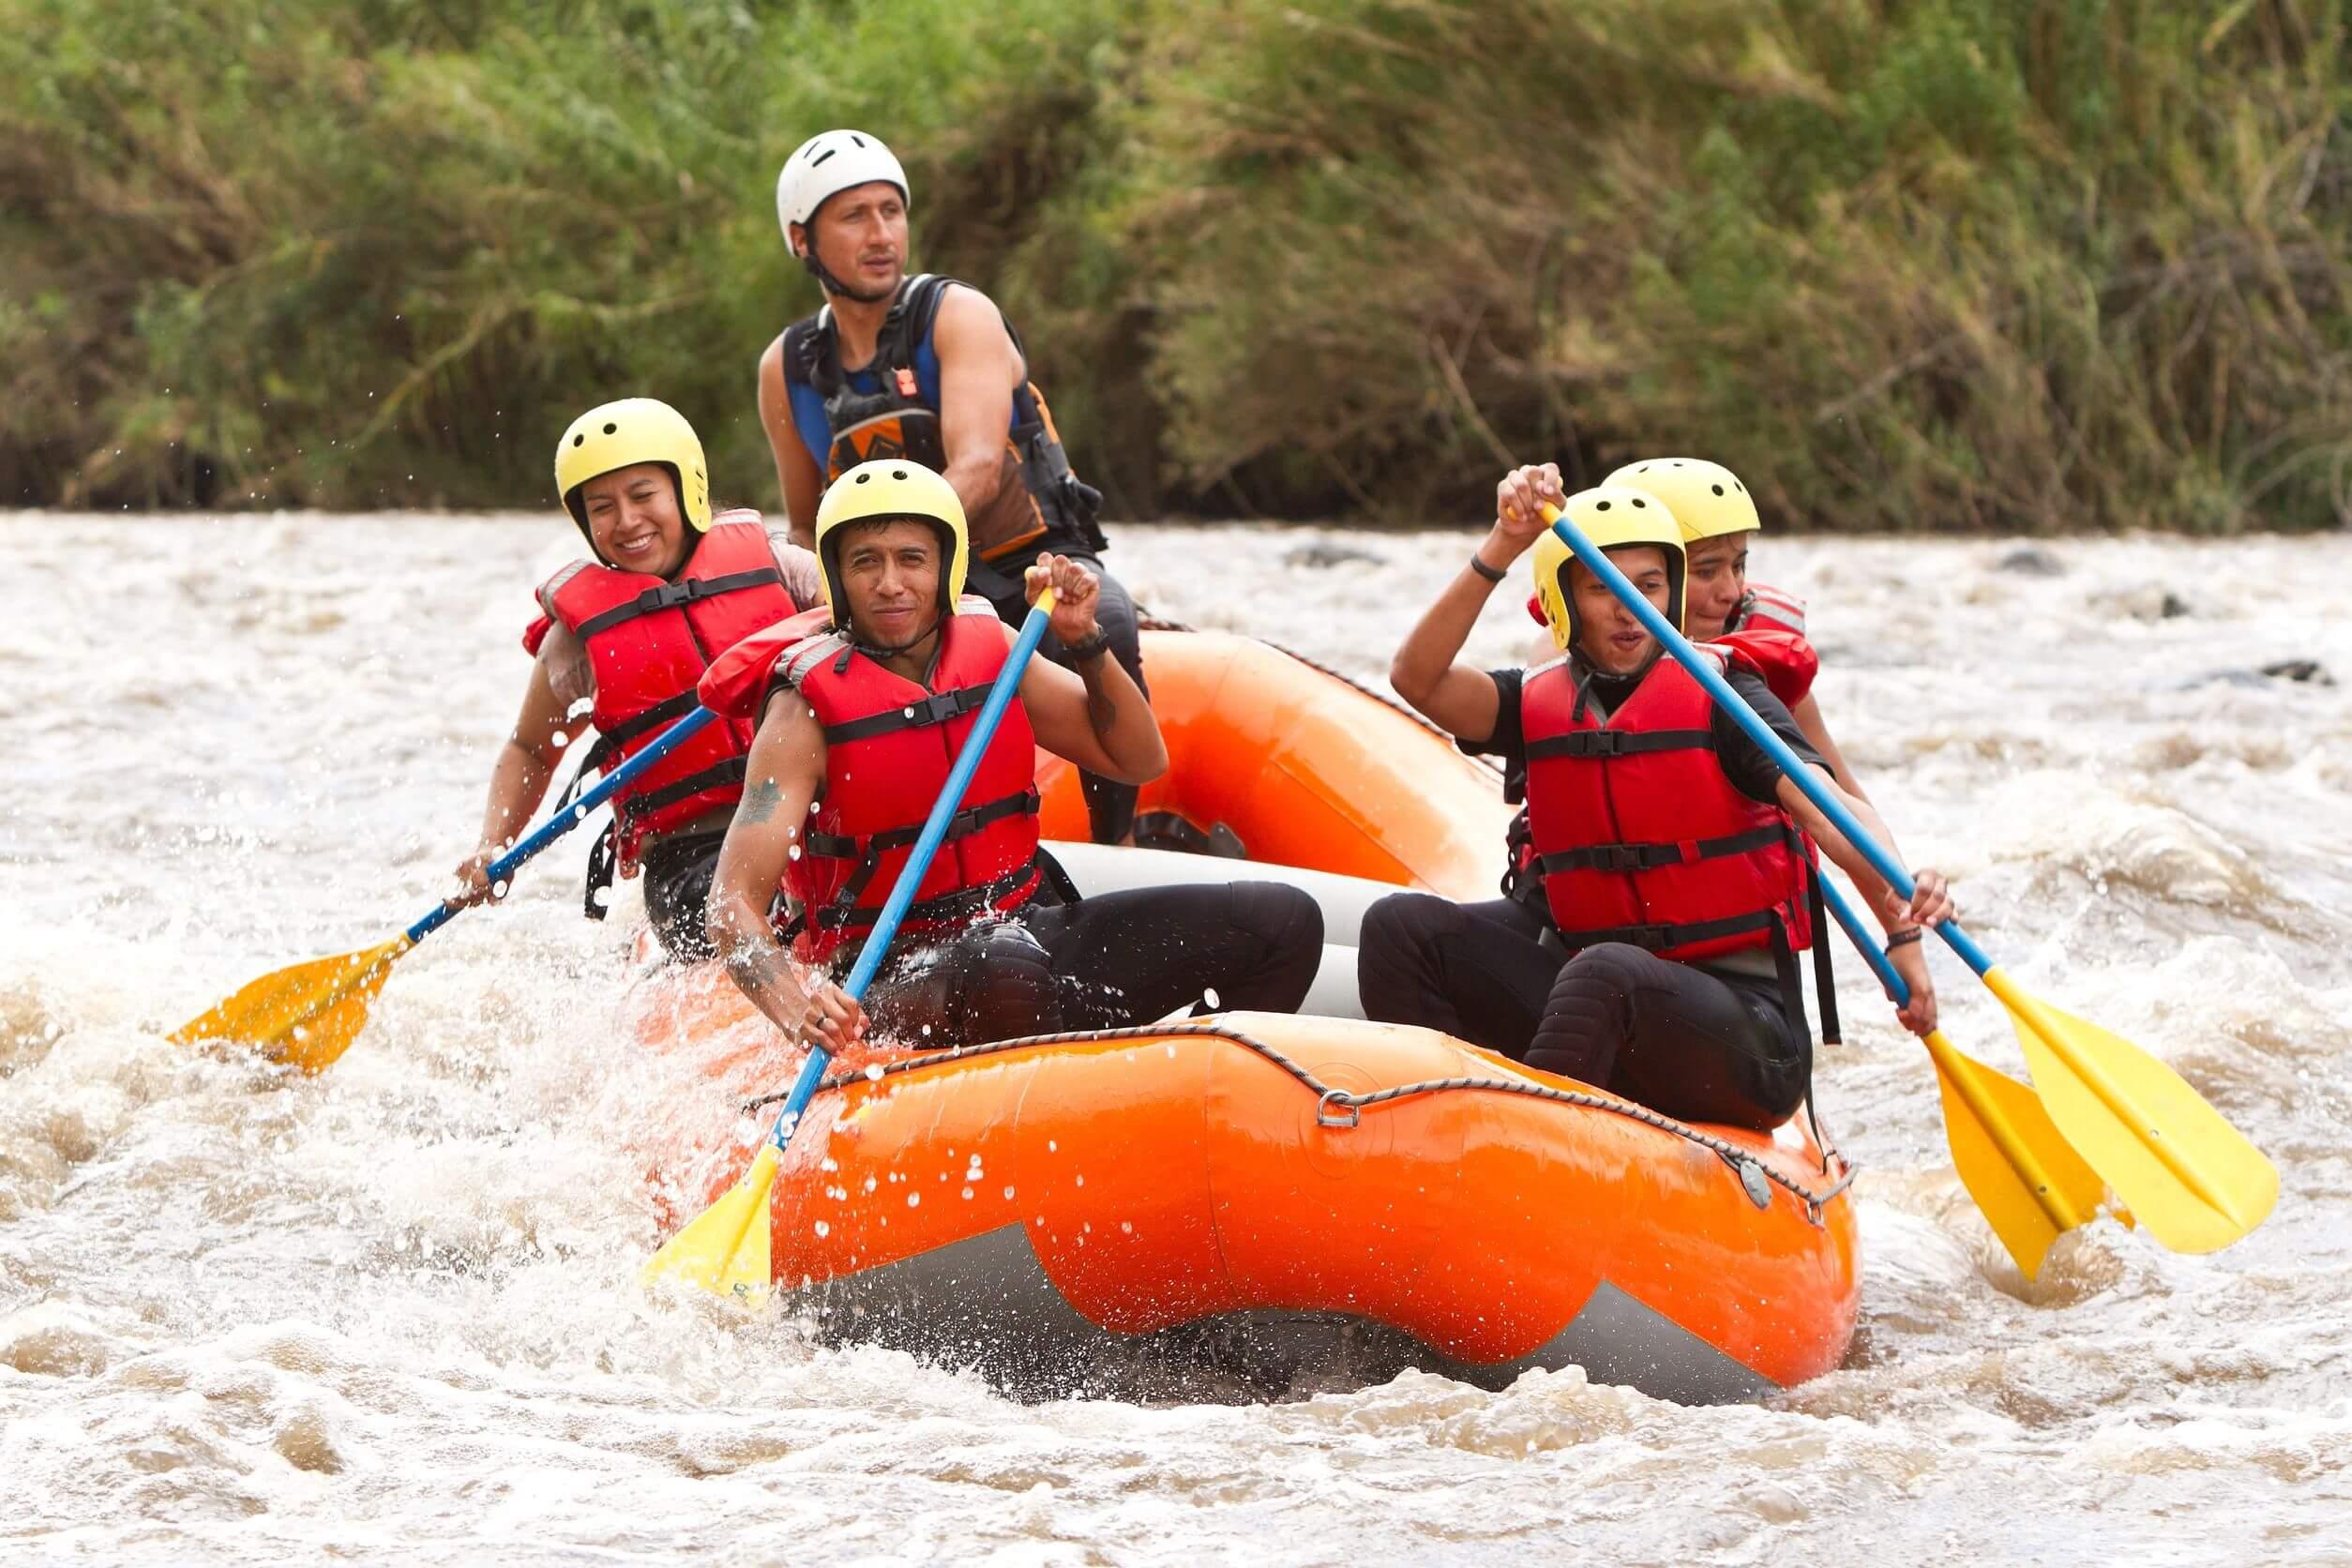 Recomendaciones a la hora de practicar rafting